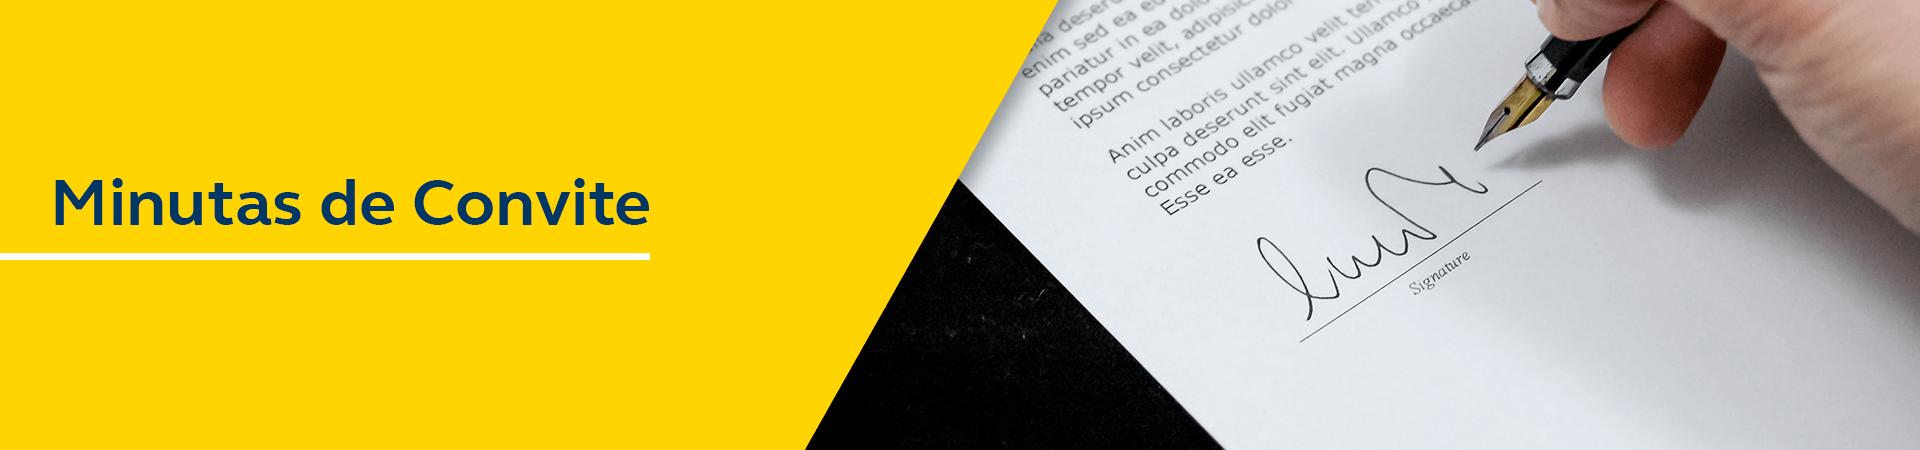 Mão com um caneta assinando um documento. Texto: Minuta de Convite